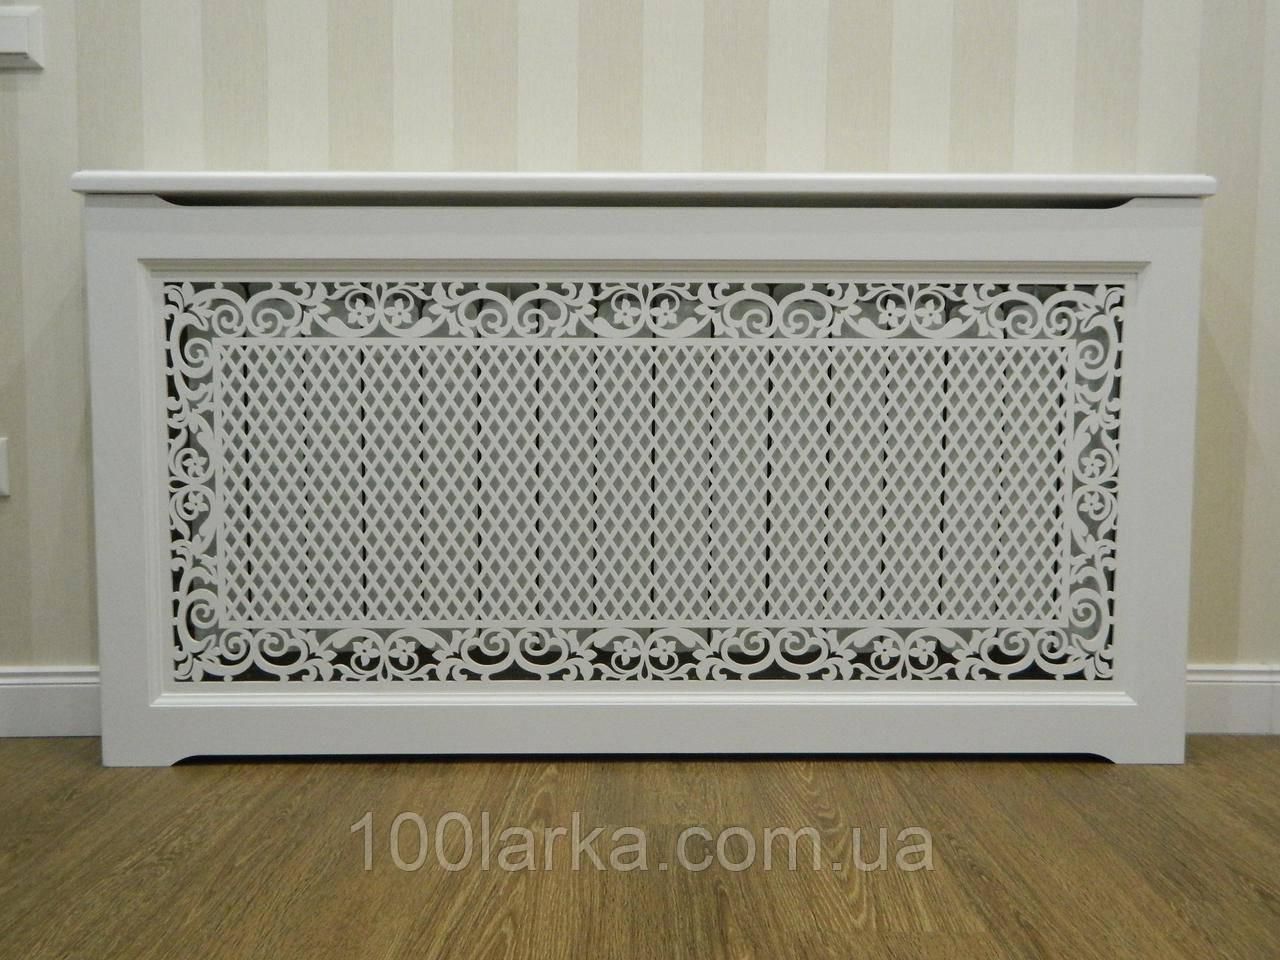 Решетки на батареи отопления, декоративные экраны (короб) R55-F60 белый с комплектом для монтажа